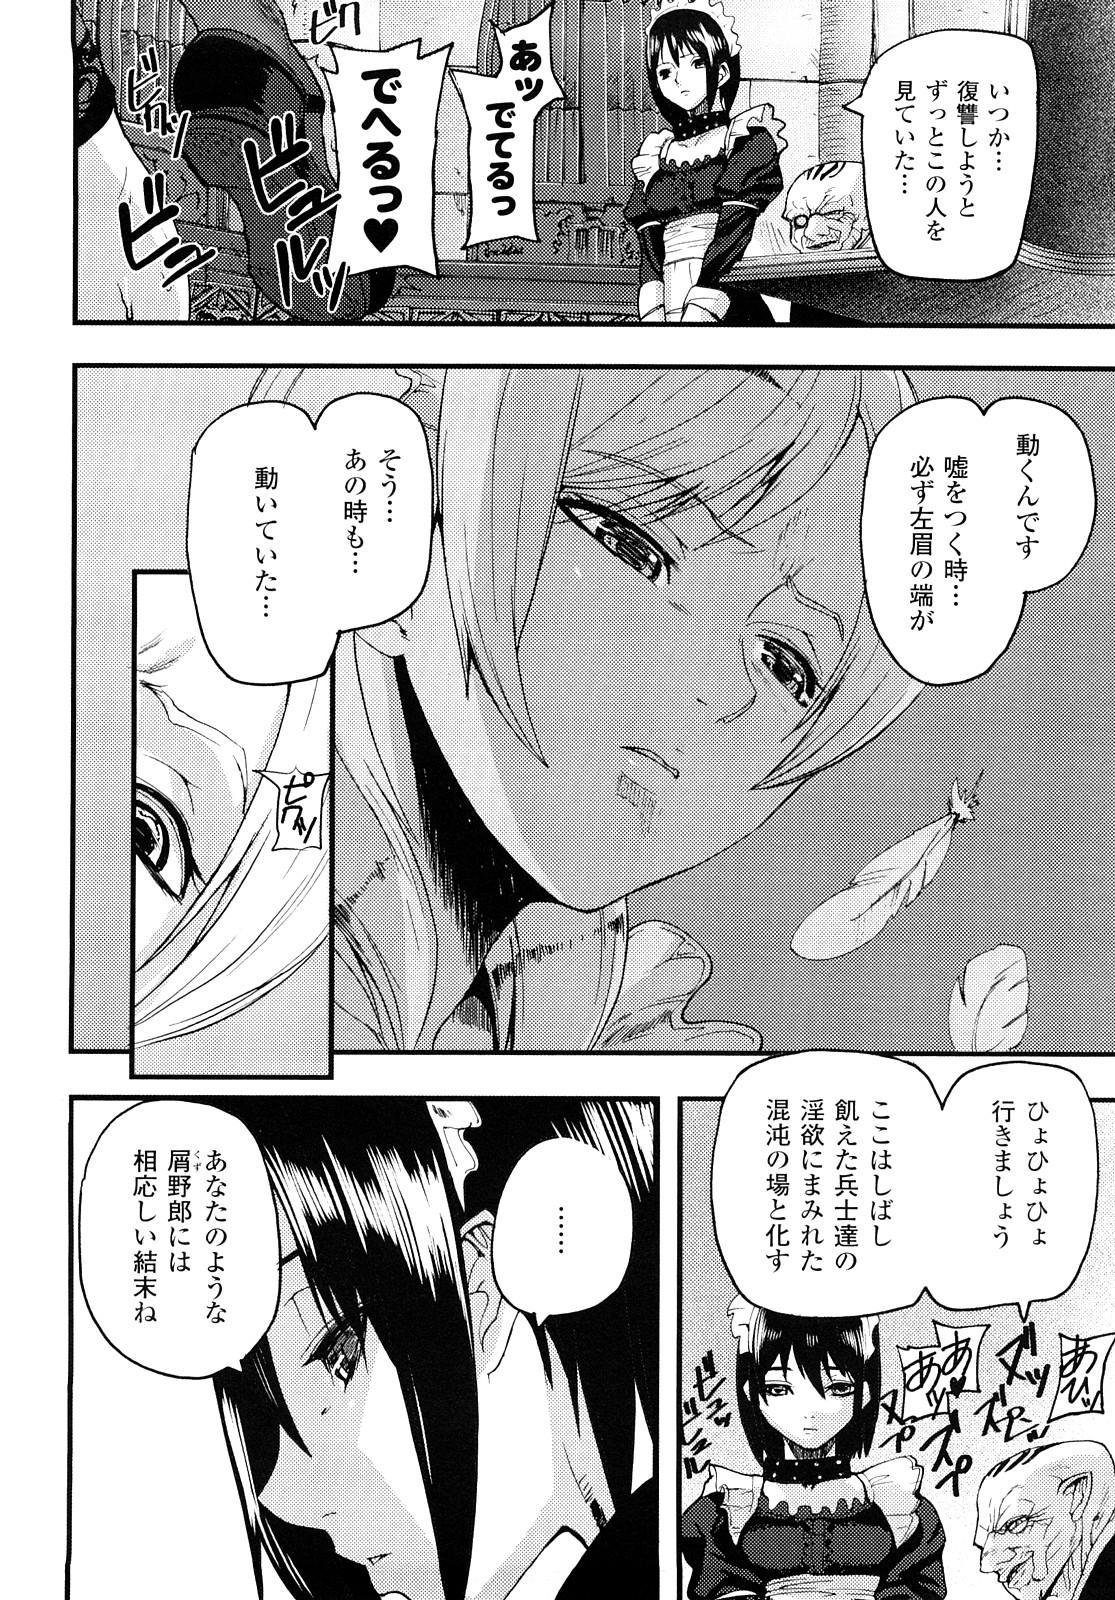 Cerberum no Hitsugi Haitoku no Hanmegami - The Coffin of Cerebrum Immoral Demivenus 24